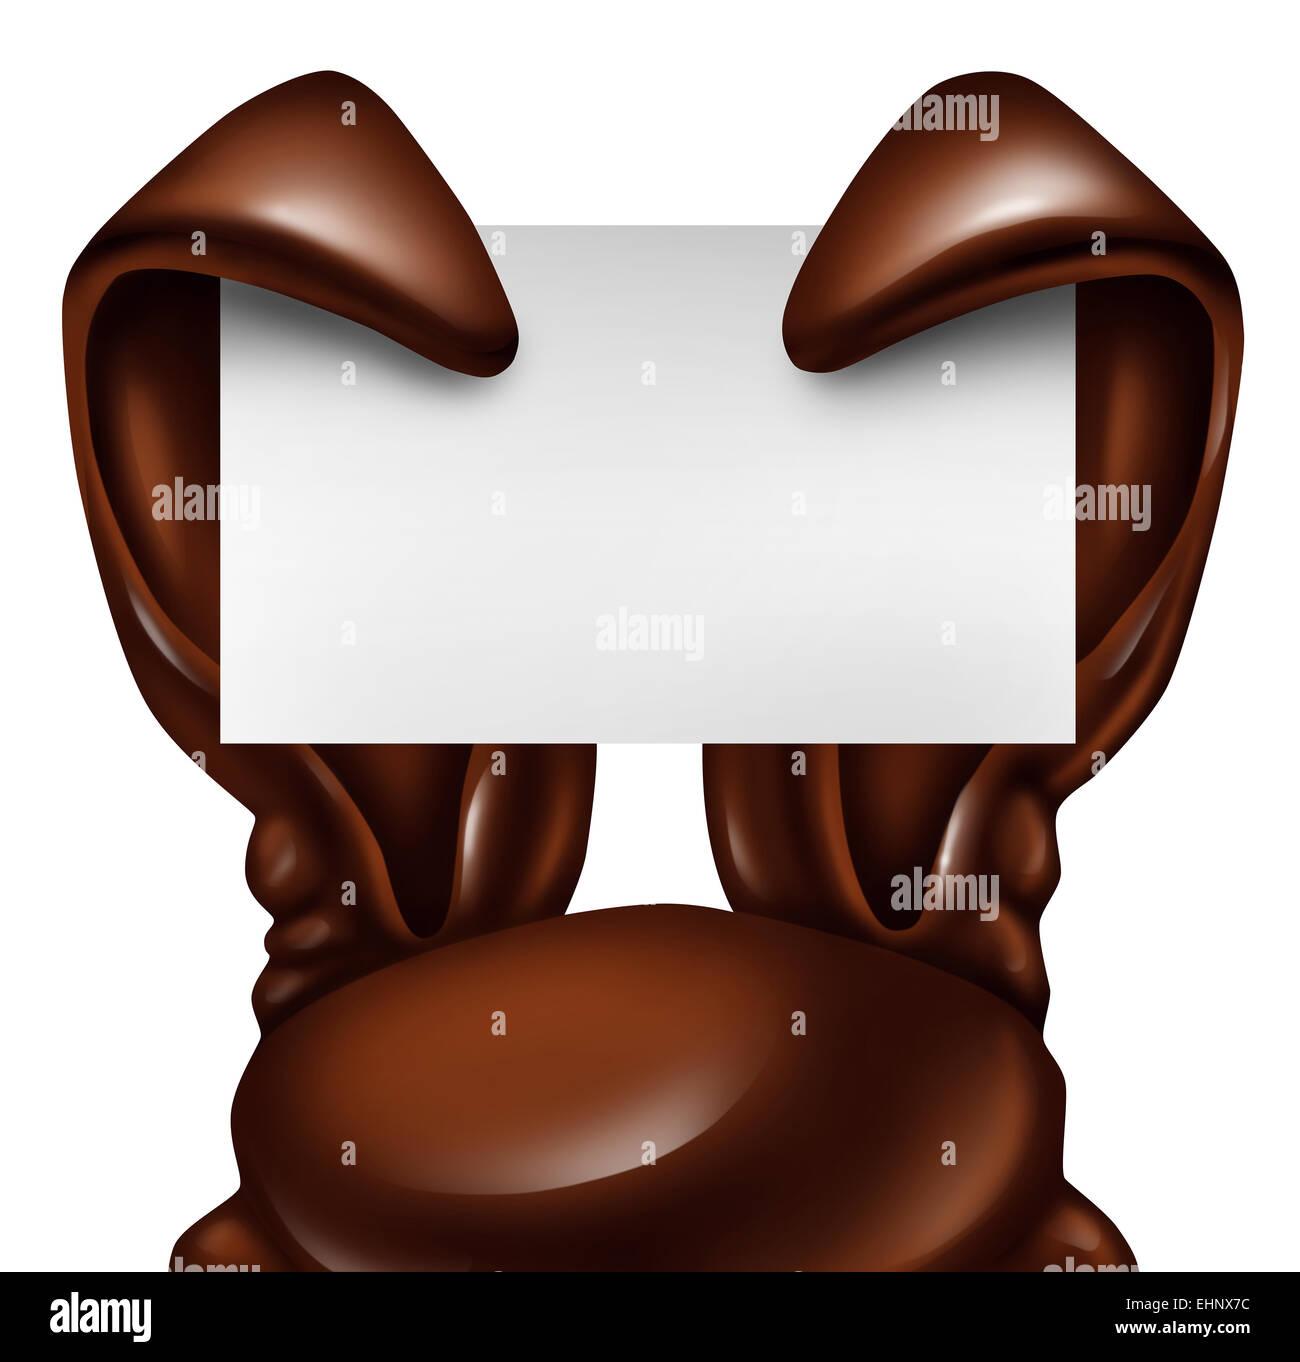 Pasqua il coniglio di cioccolato segno come pasticceria dolce orecchie tenendo un'intestazione vuota scheda Immagini Stock